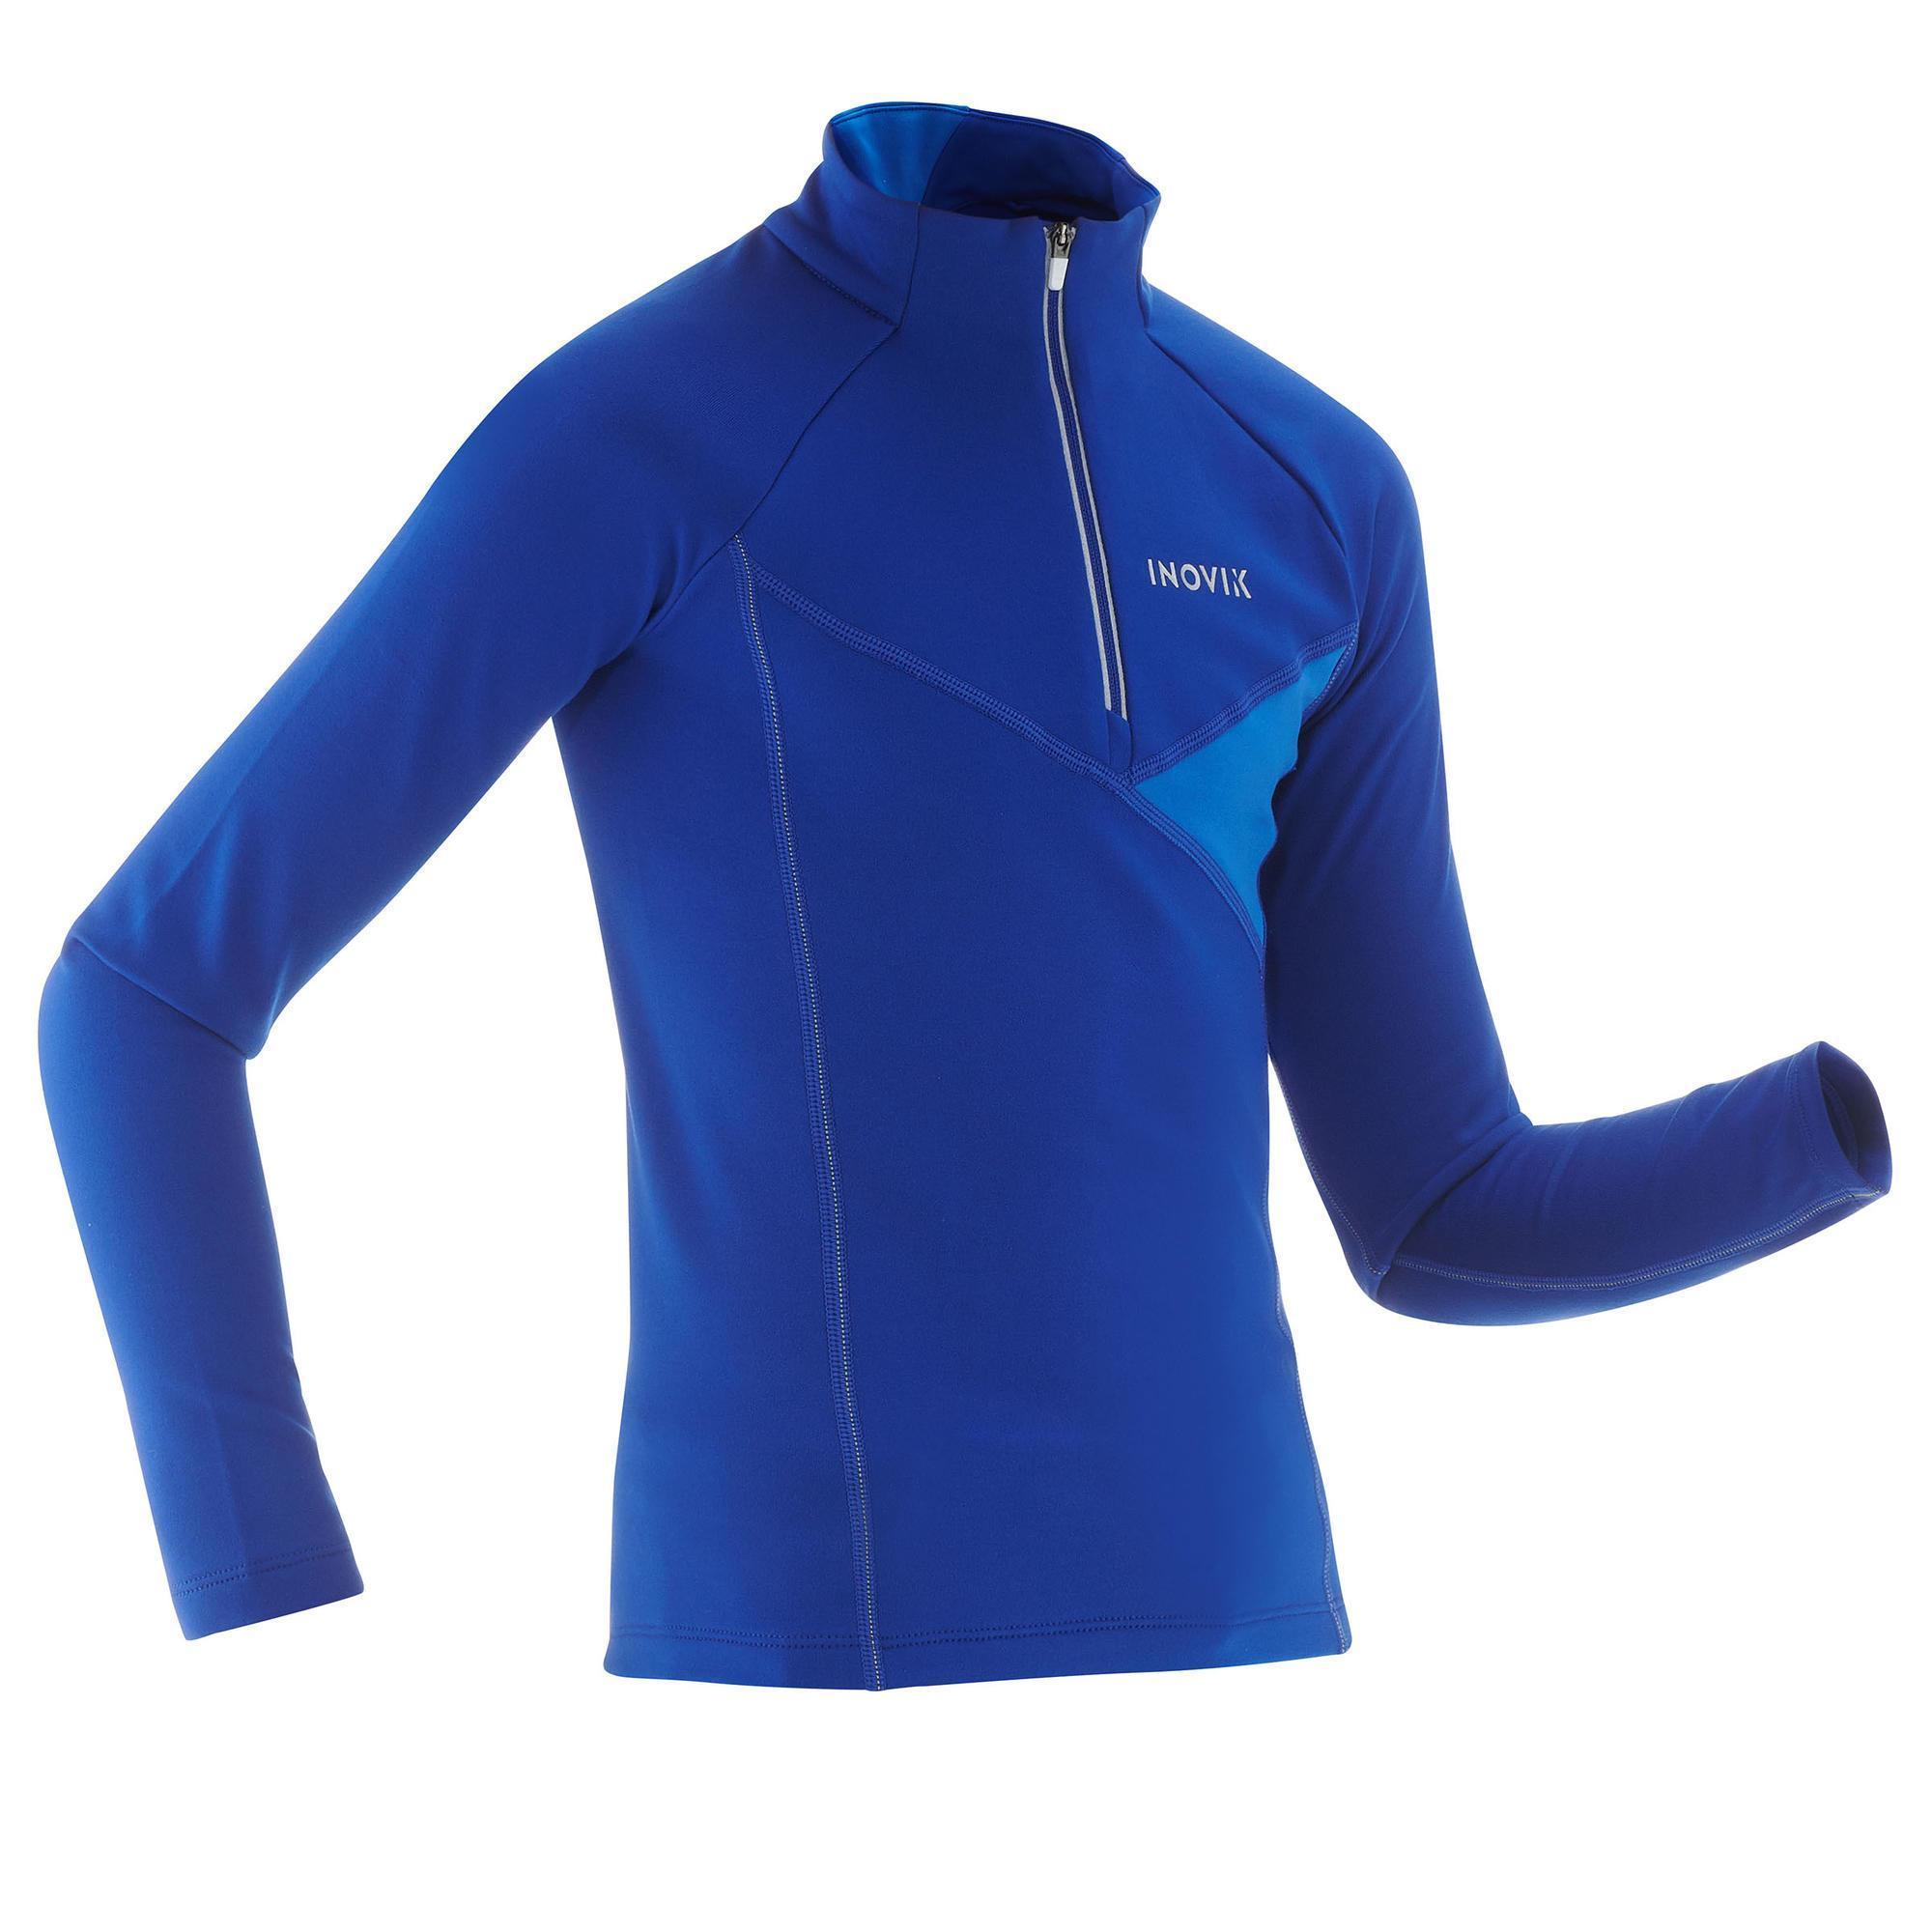 Inovik Warm langlaufshirt voor kinderen XC S T-S 100 donkerblauw